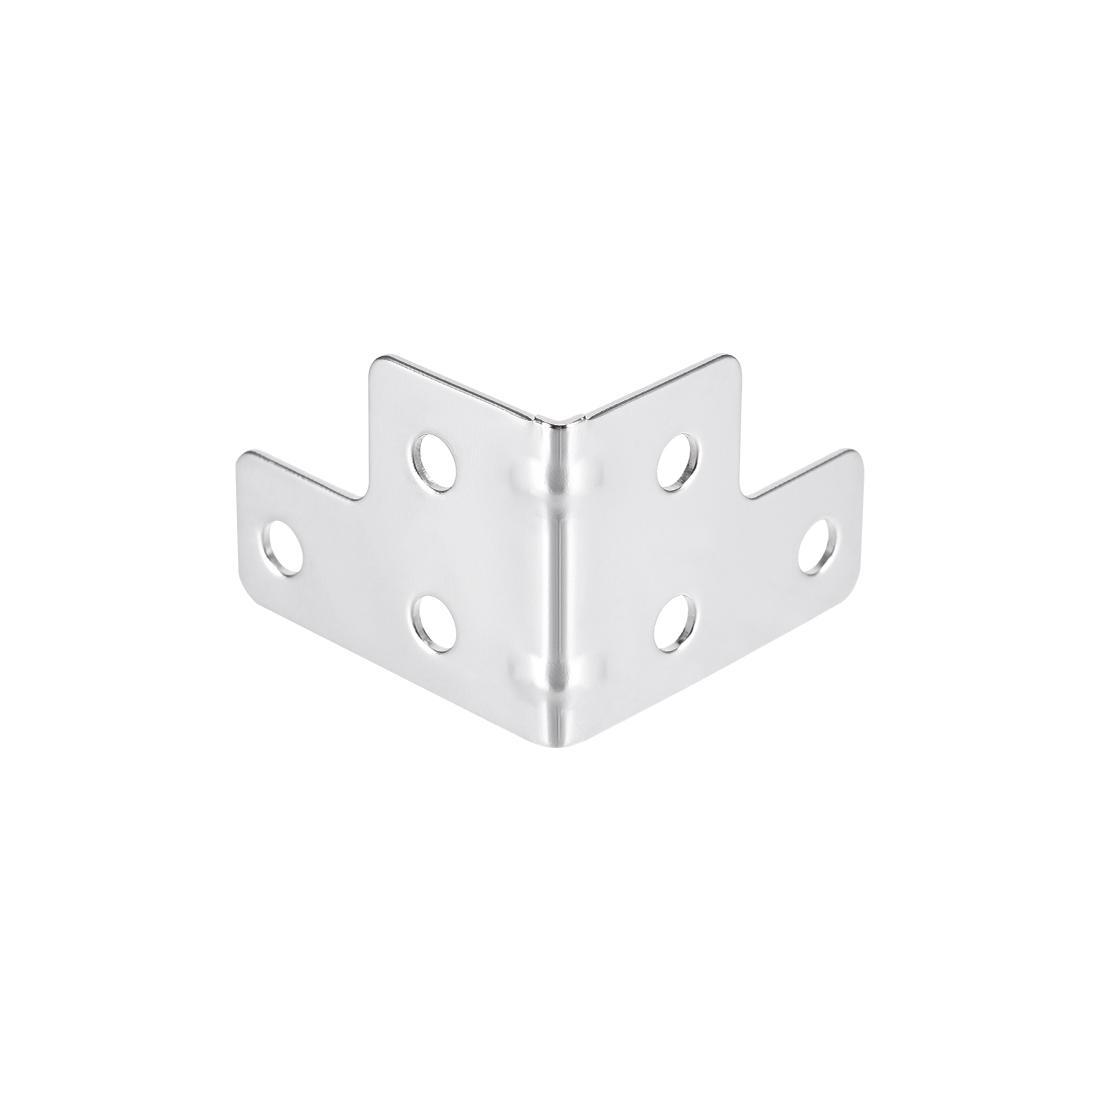 Metal Box Corner Protectors Wooden Box Edge Guard Protector 42 x 42 x 32mm 24pcs